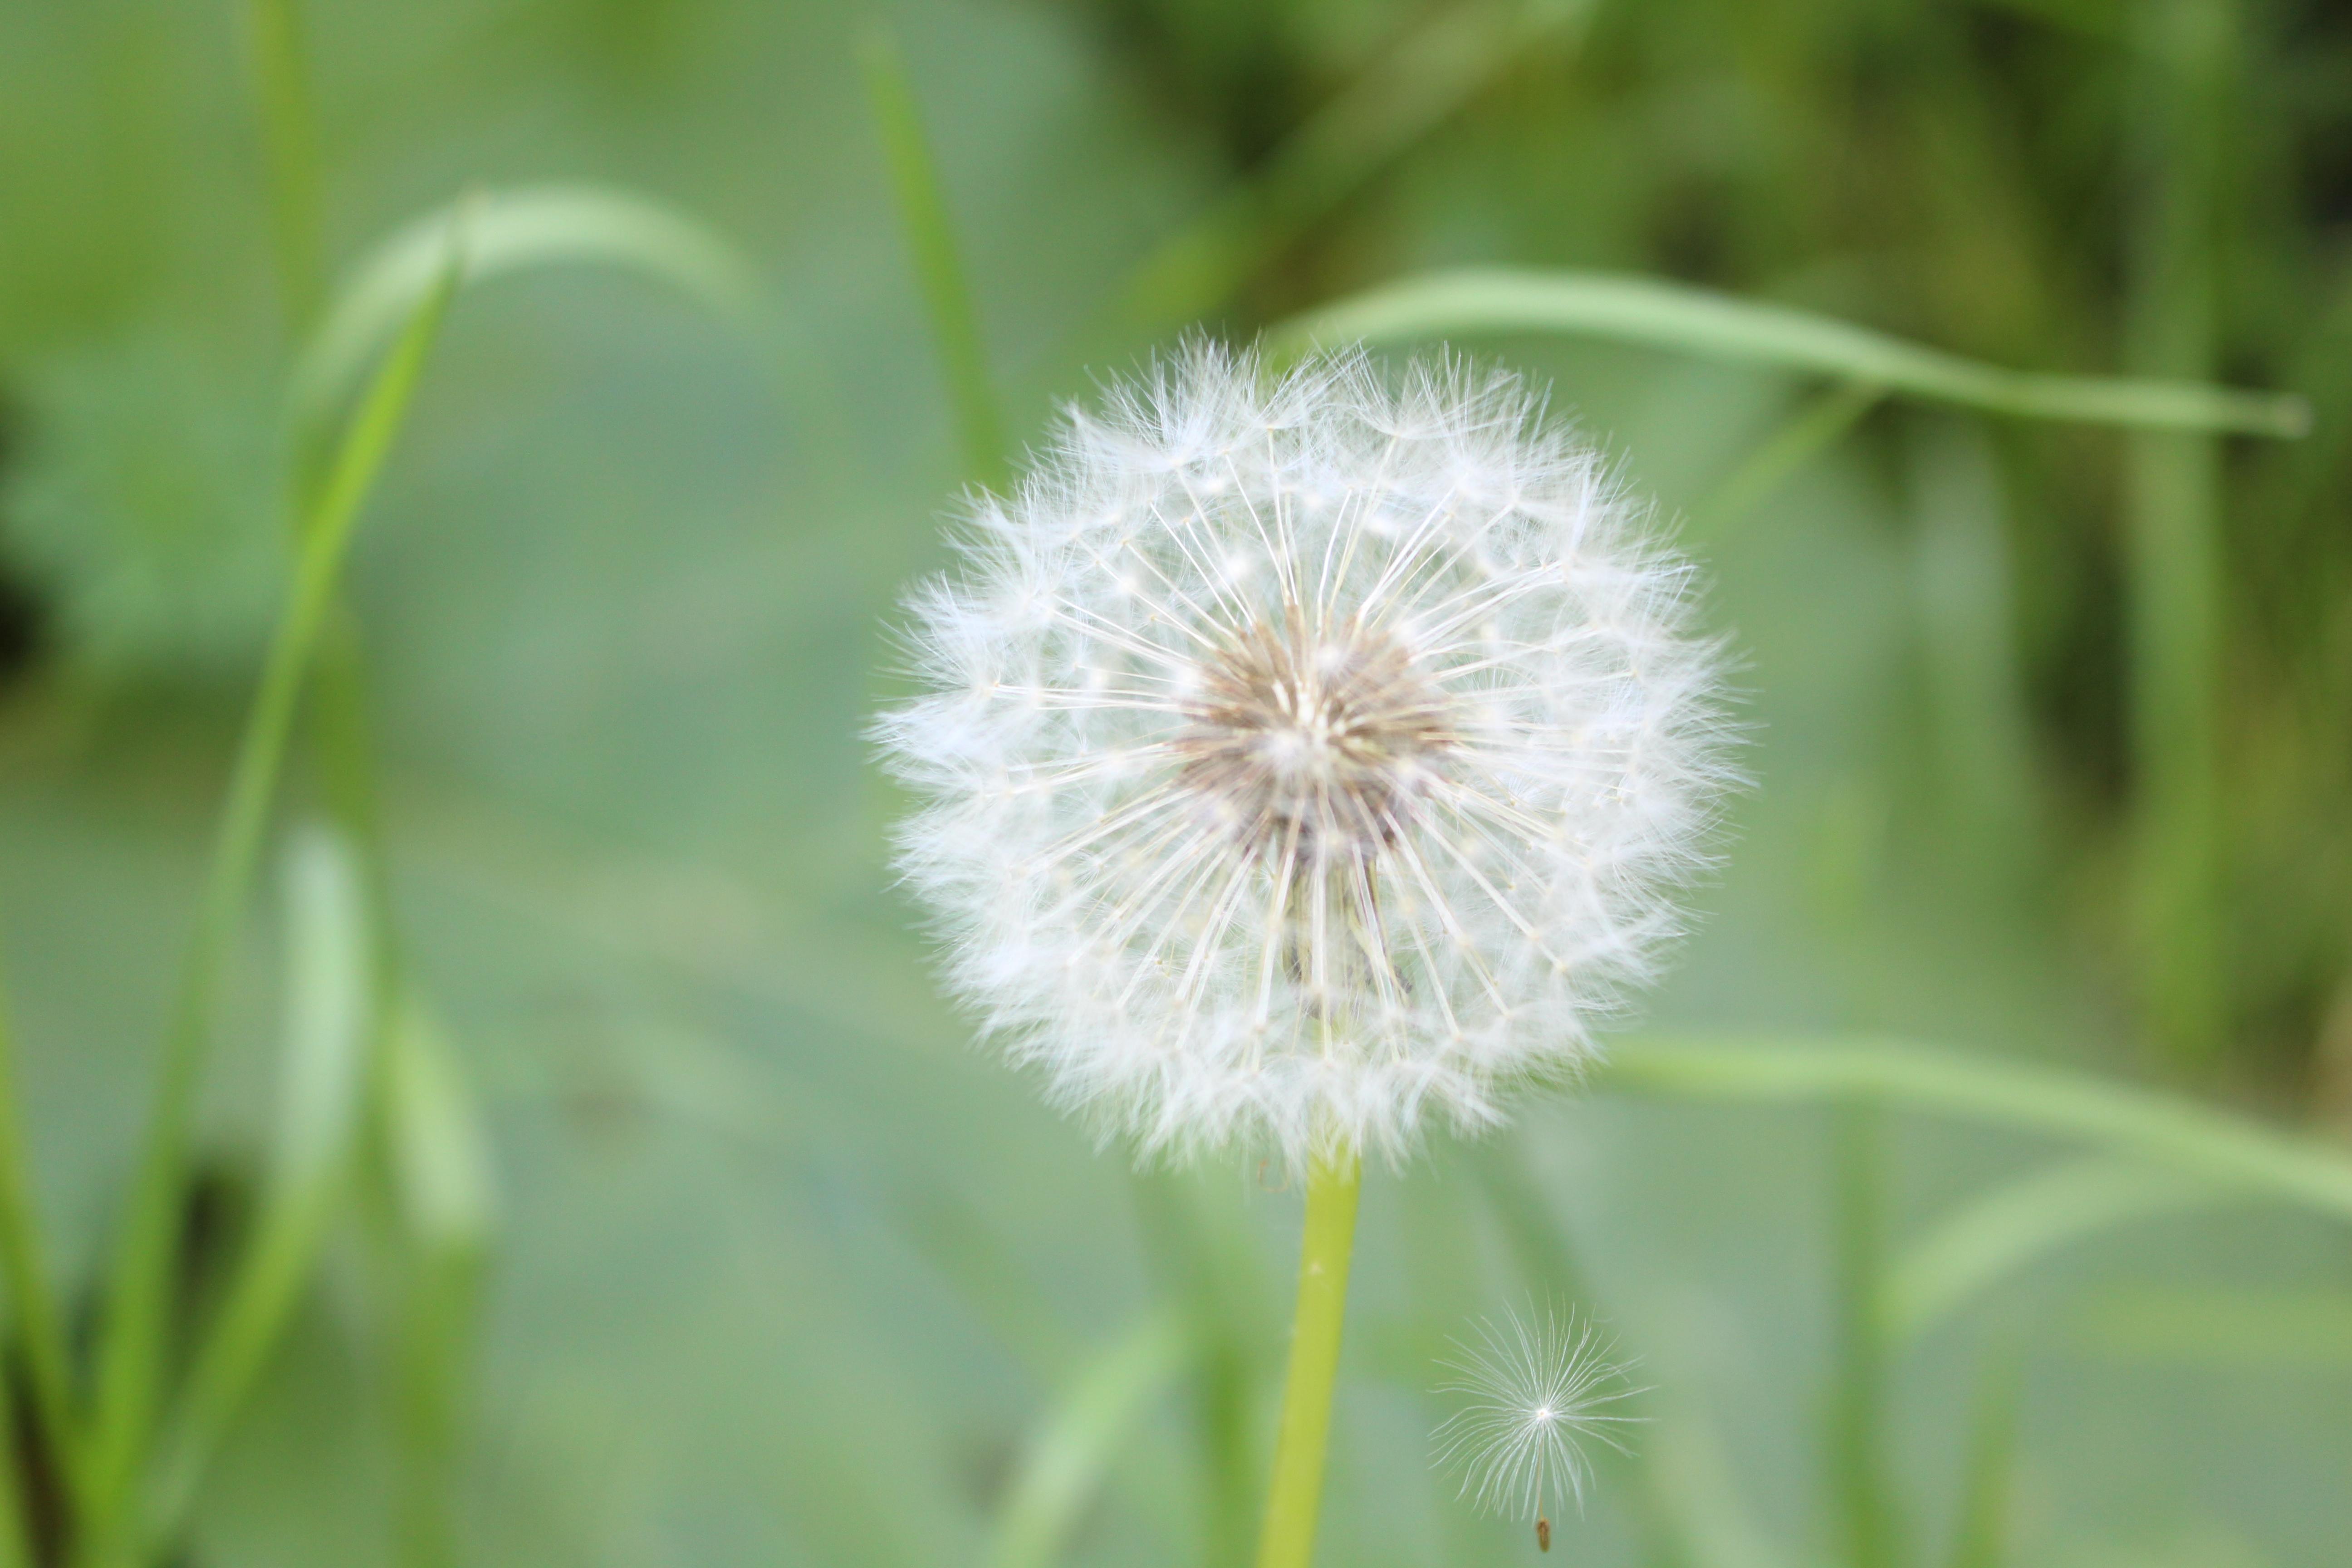 Allergie saisonnière : qu'est-ce que c'est ?